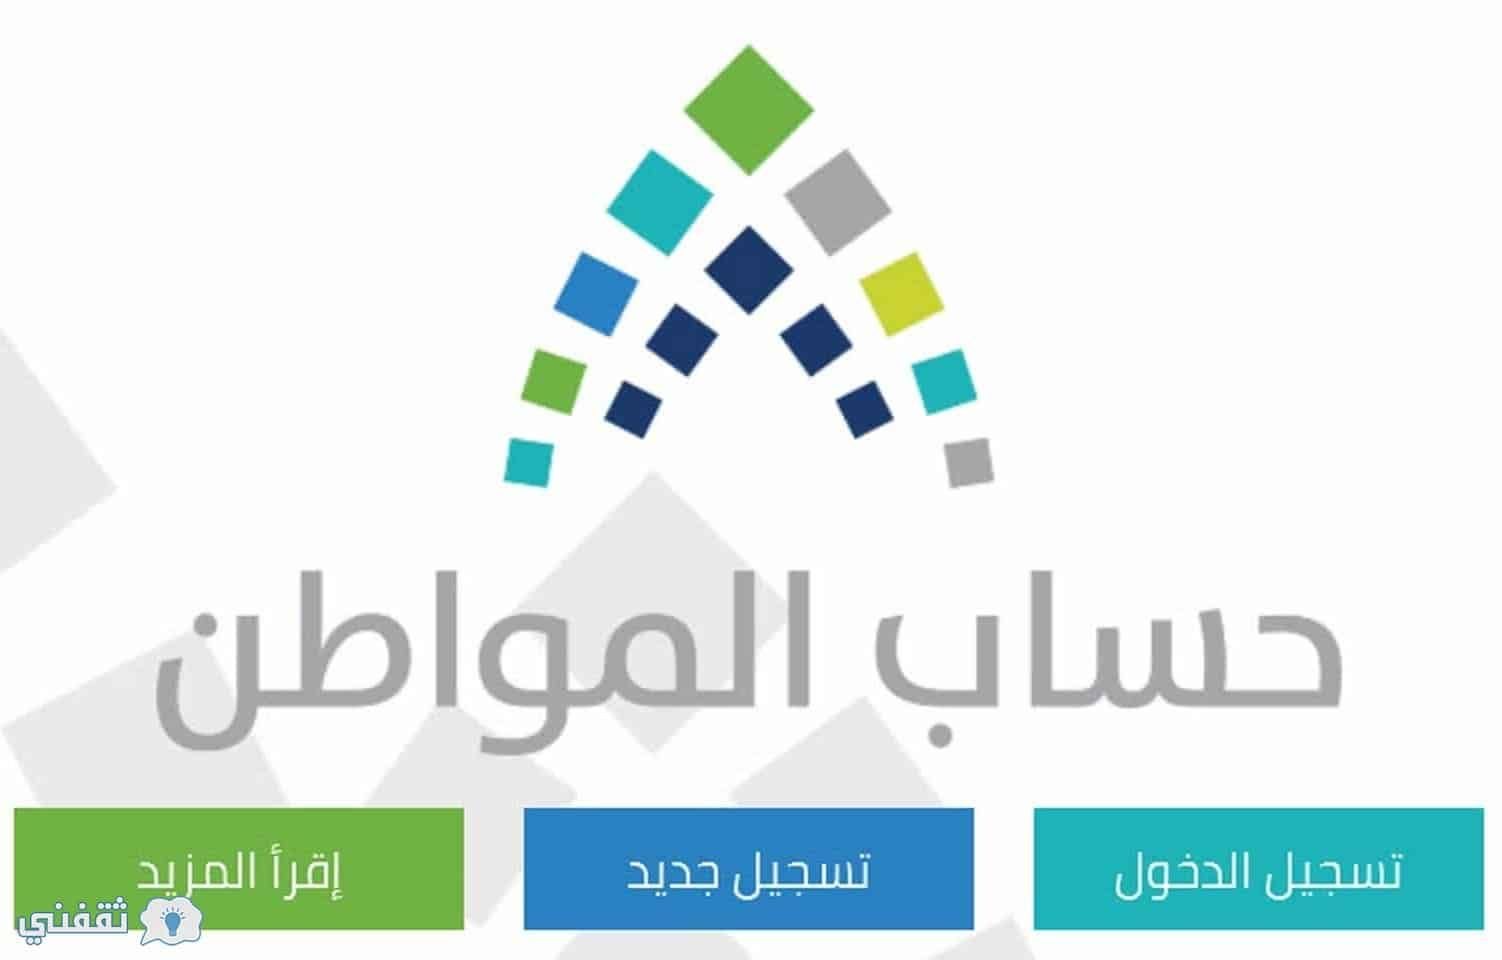 دخول بوابة حساب المواطن الإلكترونية رقم هاتف البرنامج وطريقة استخدام الحاسبة الآلية Tech Company Logos Pie Chart Chart